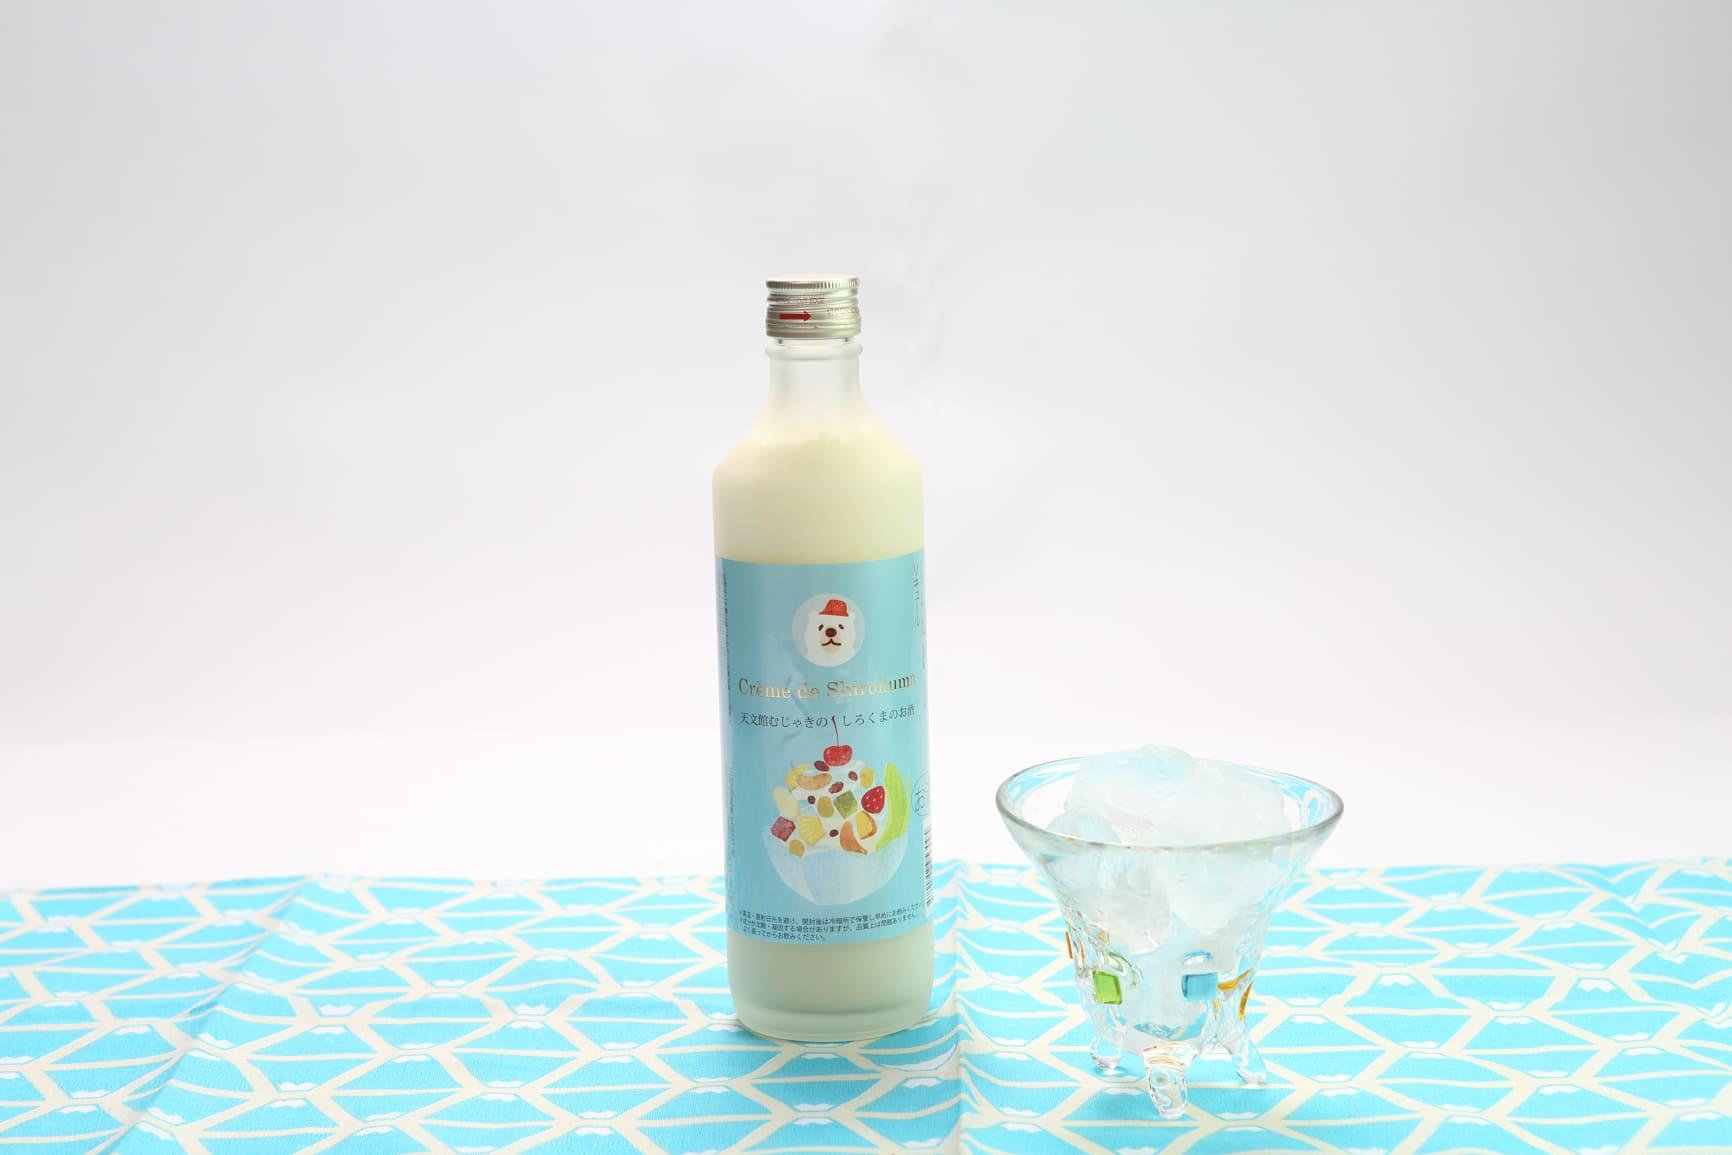 しろくまのお酒,白熊,むじゃき,焼酎,さつま無双,焼酎島